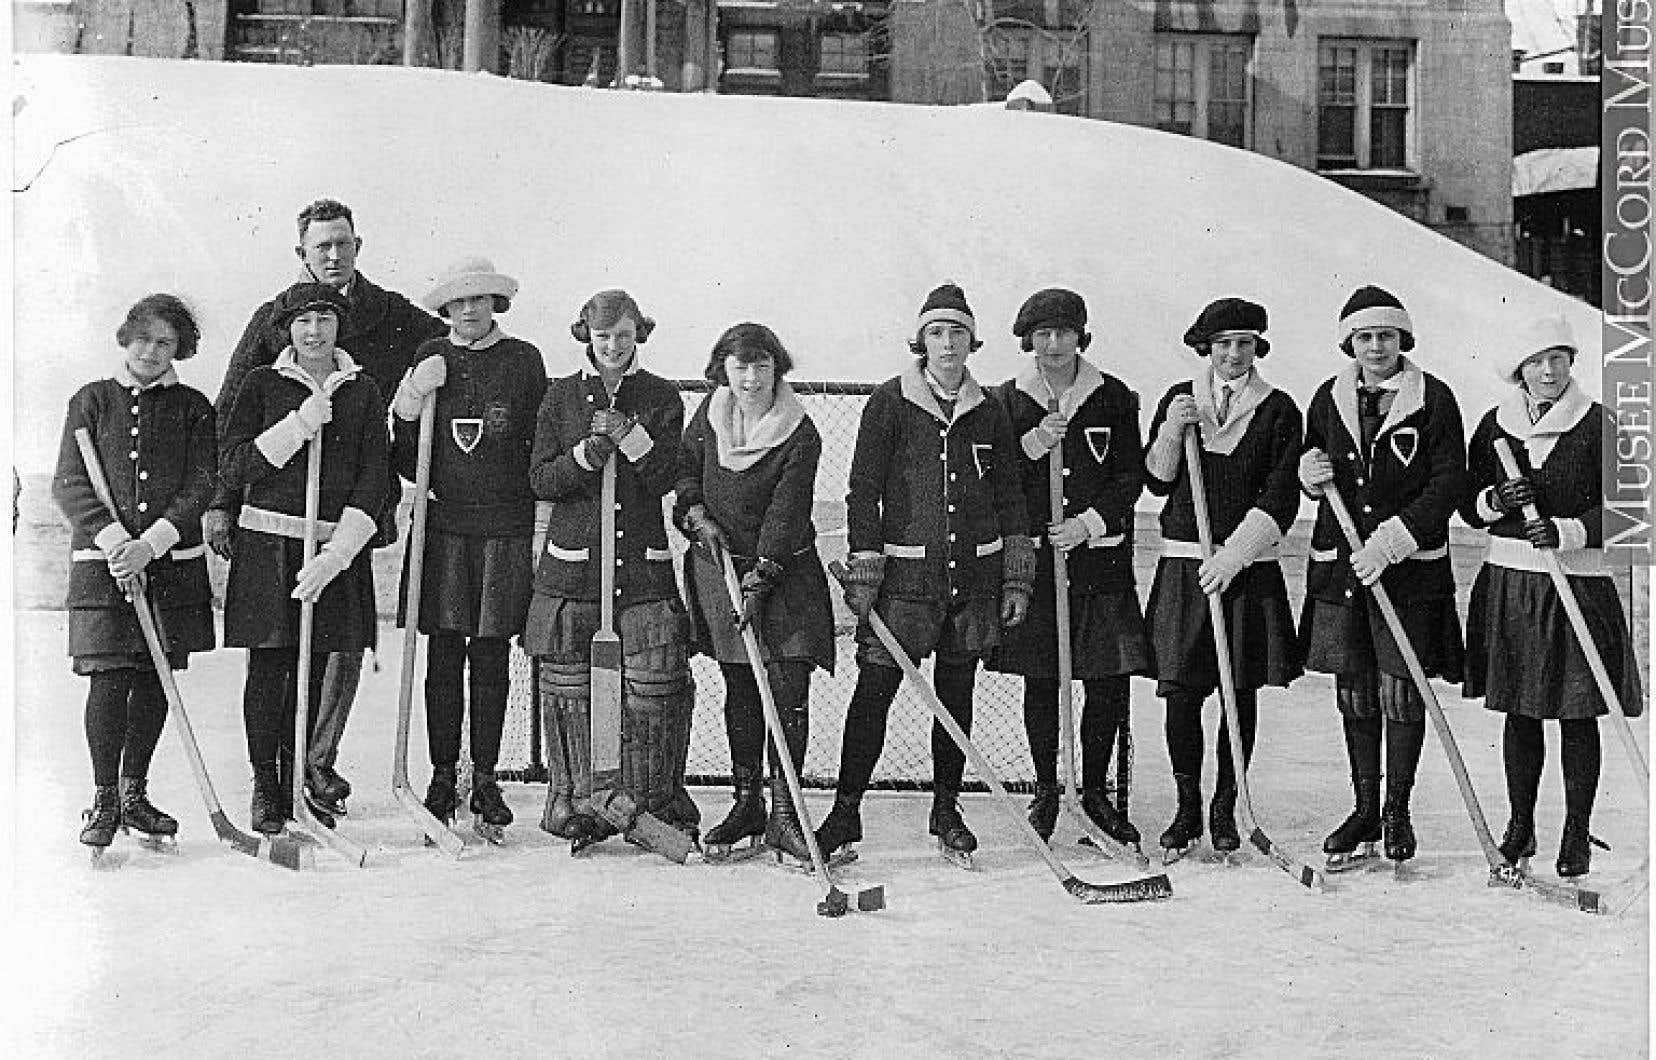 L'équipe de hockey du Royal Victoria College, campus McGill, en 1923